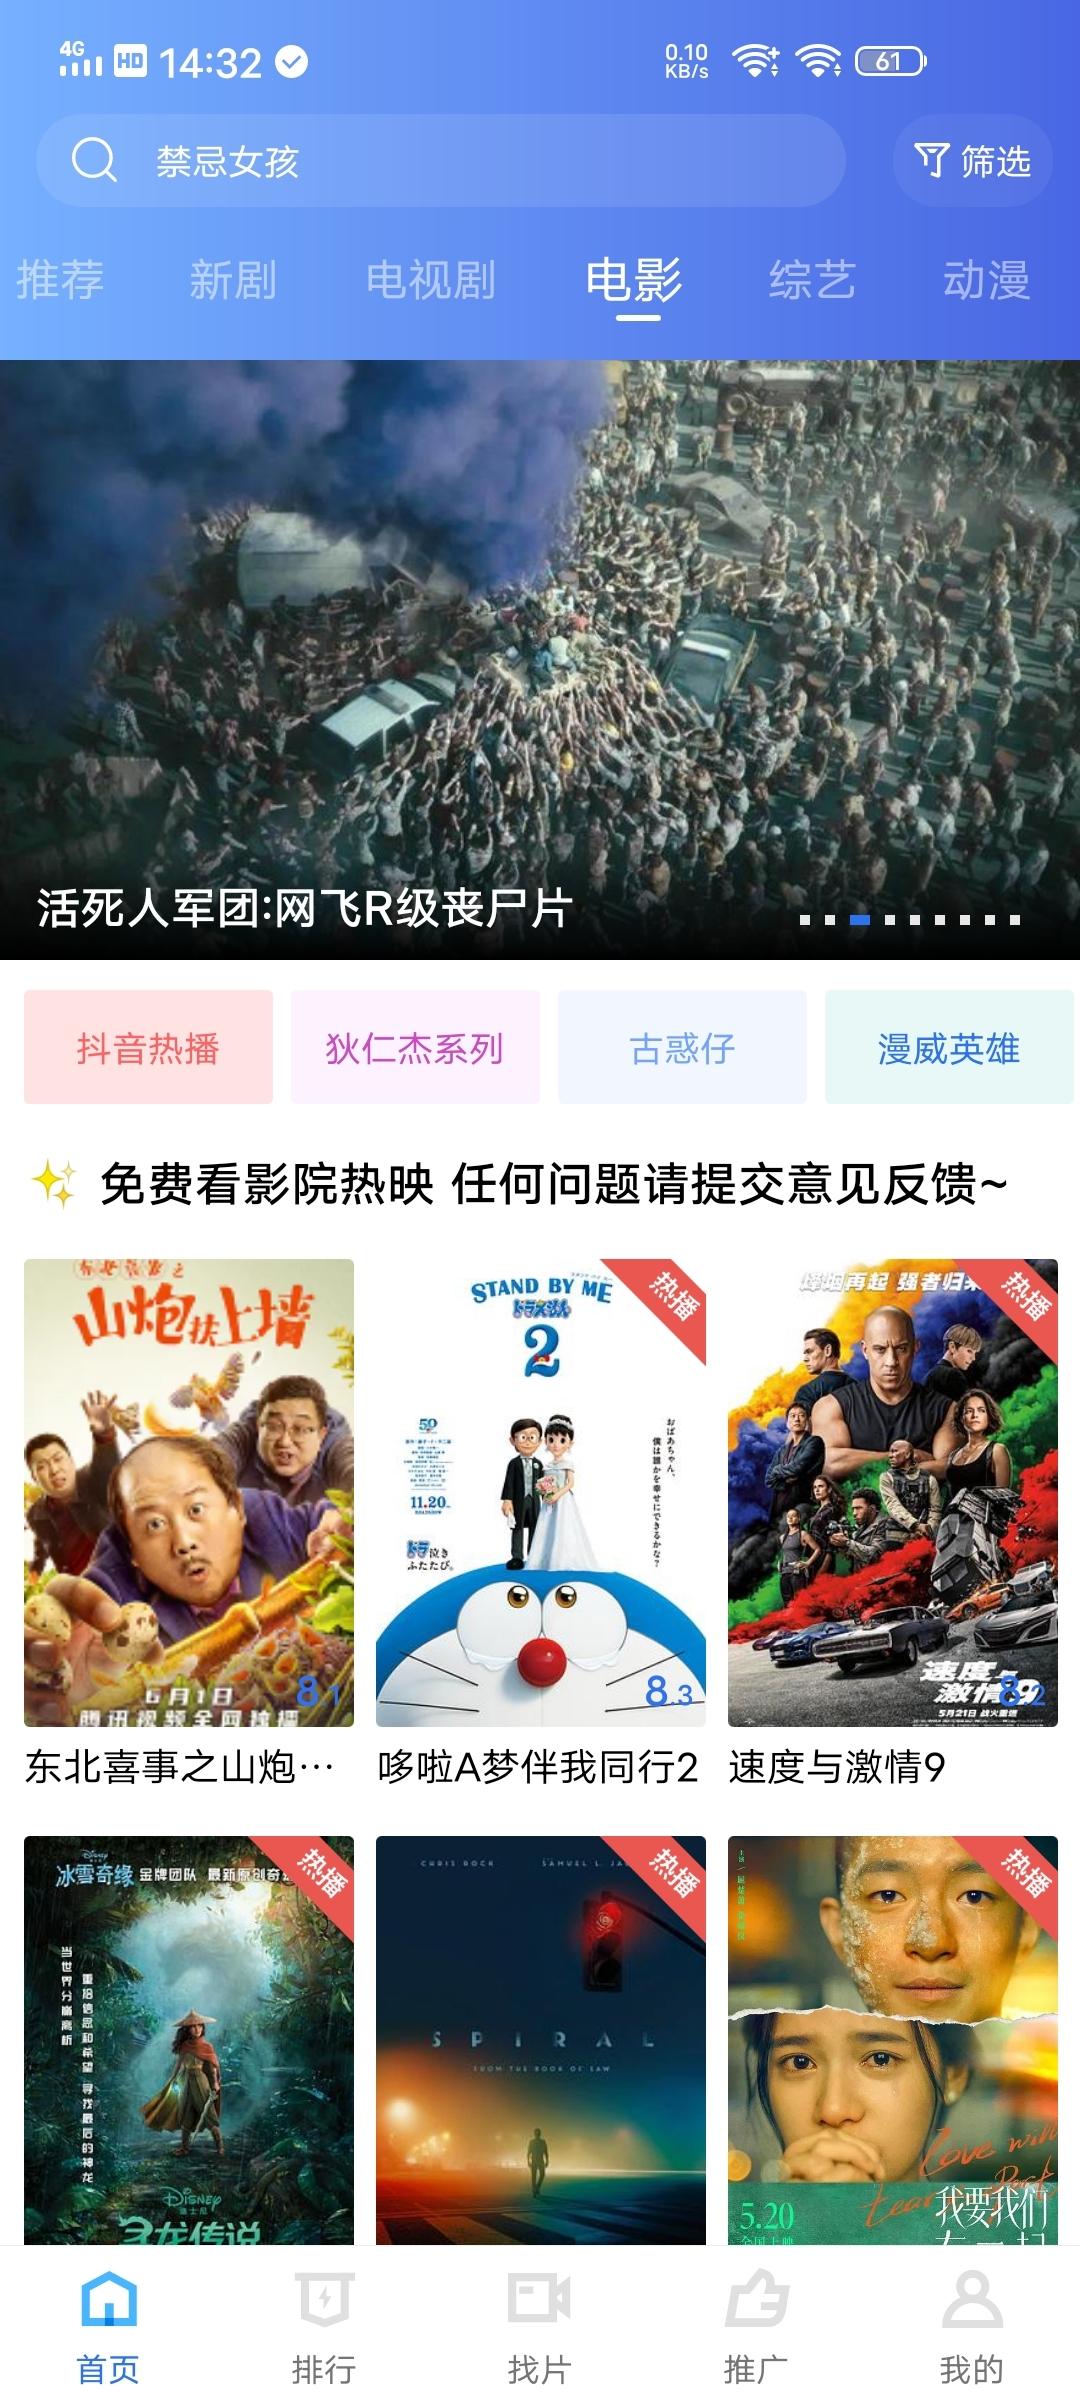 蓝狐影视绿化版1.6.3.2最新版